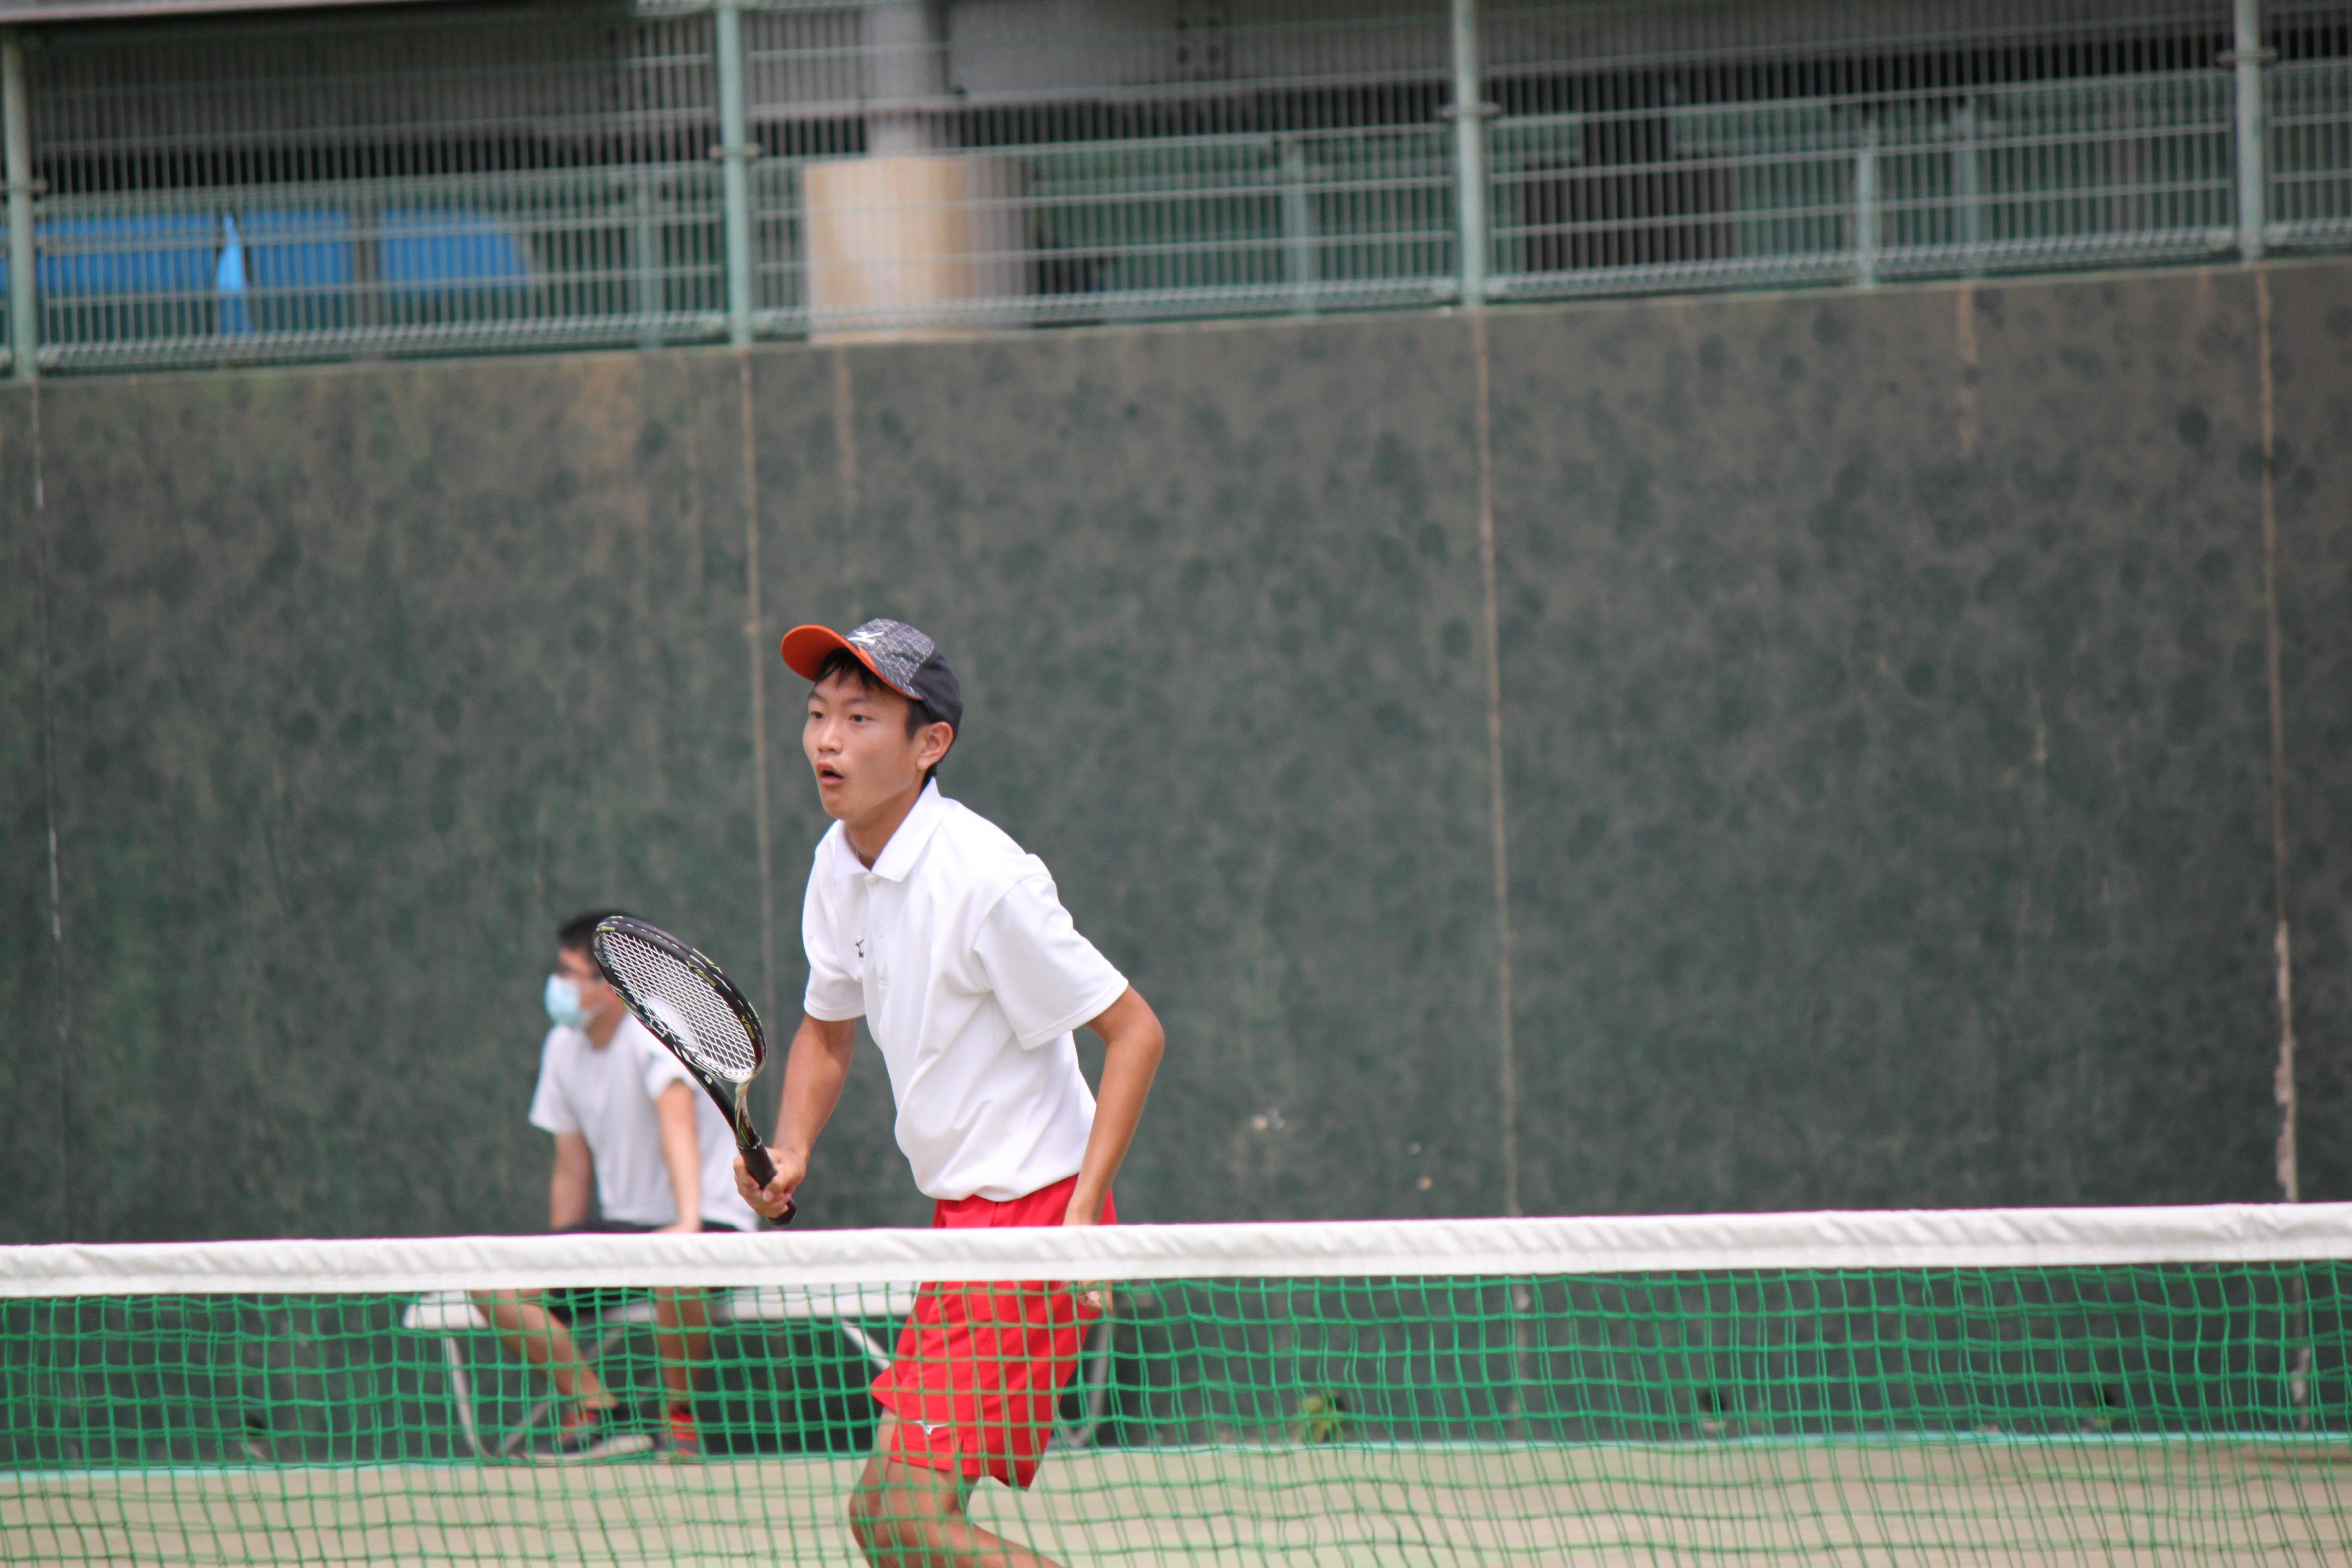 ソフトテニス (329)